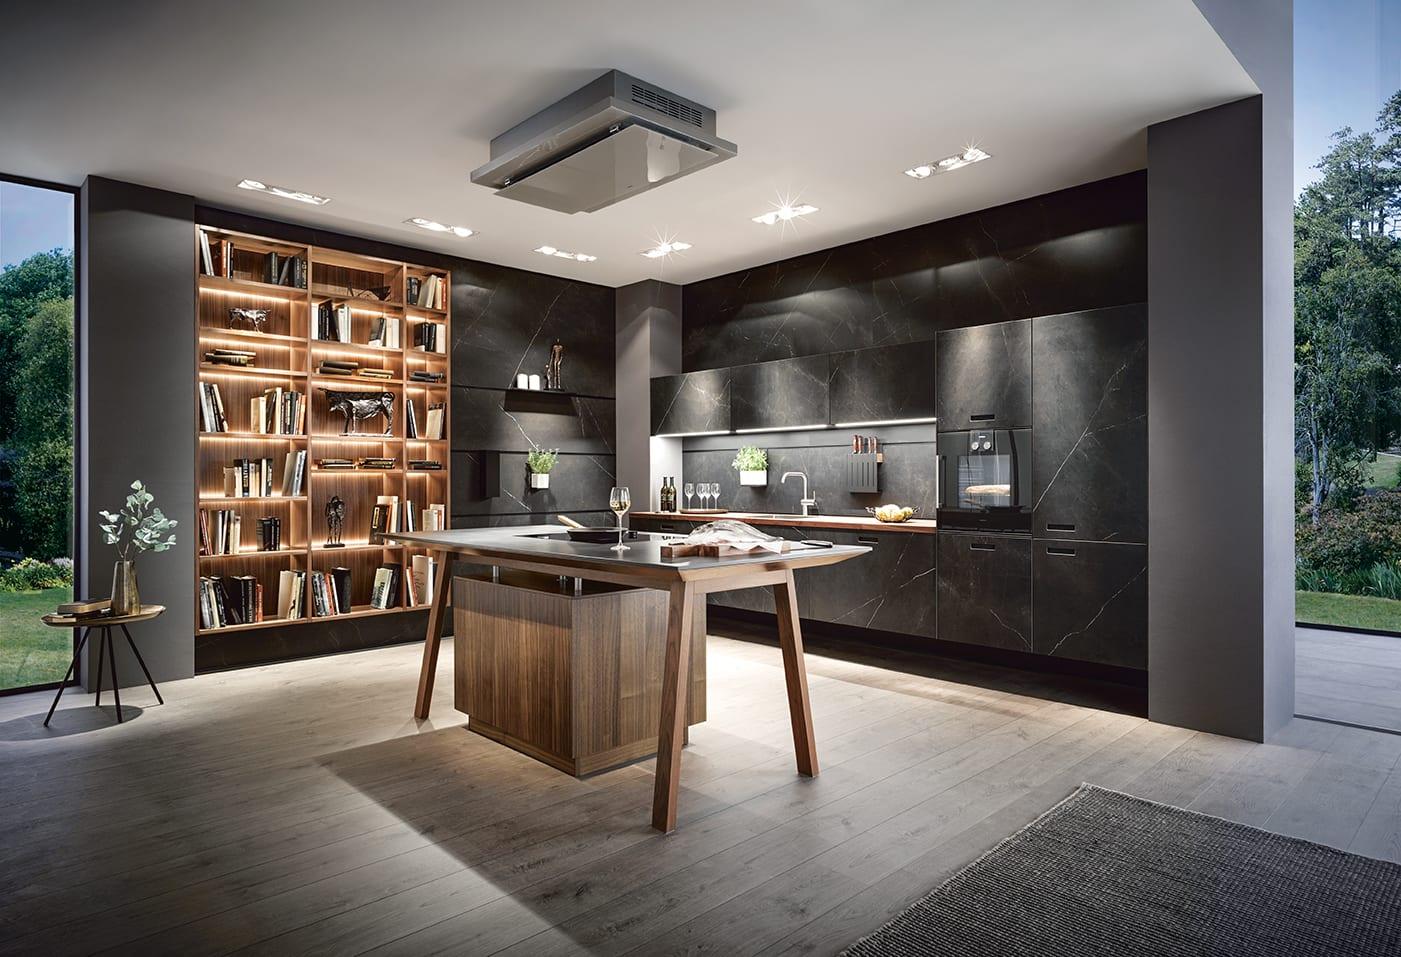 Luxury_kitchen_renovation_Urvission_Interiors